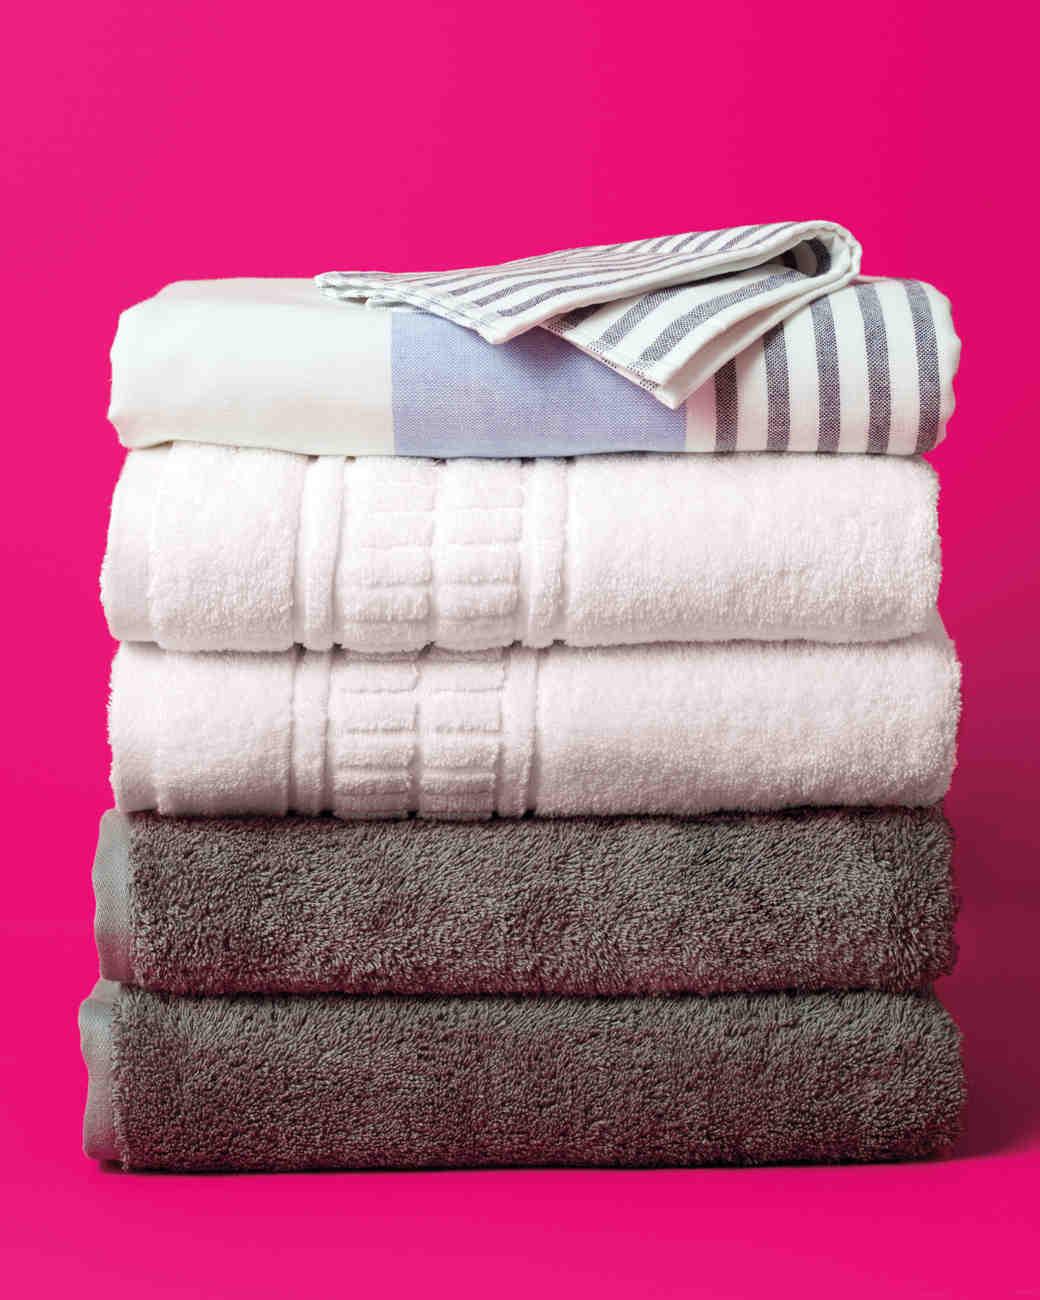 towels-040-d112473.jpg